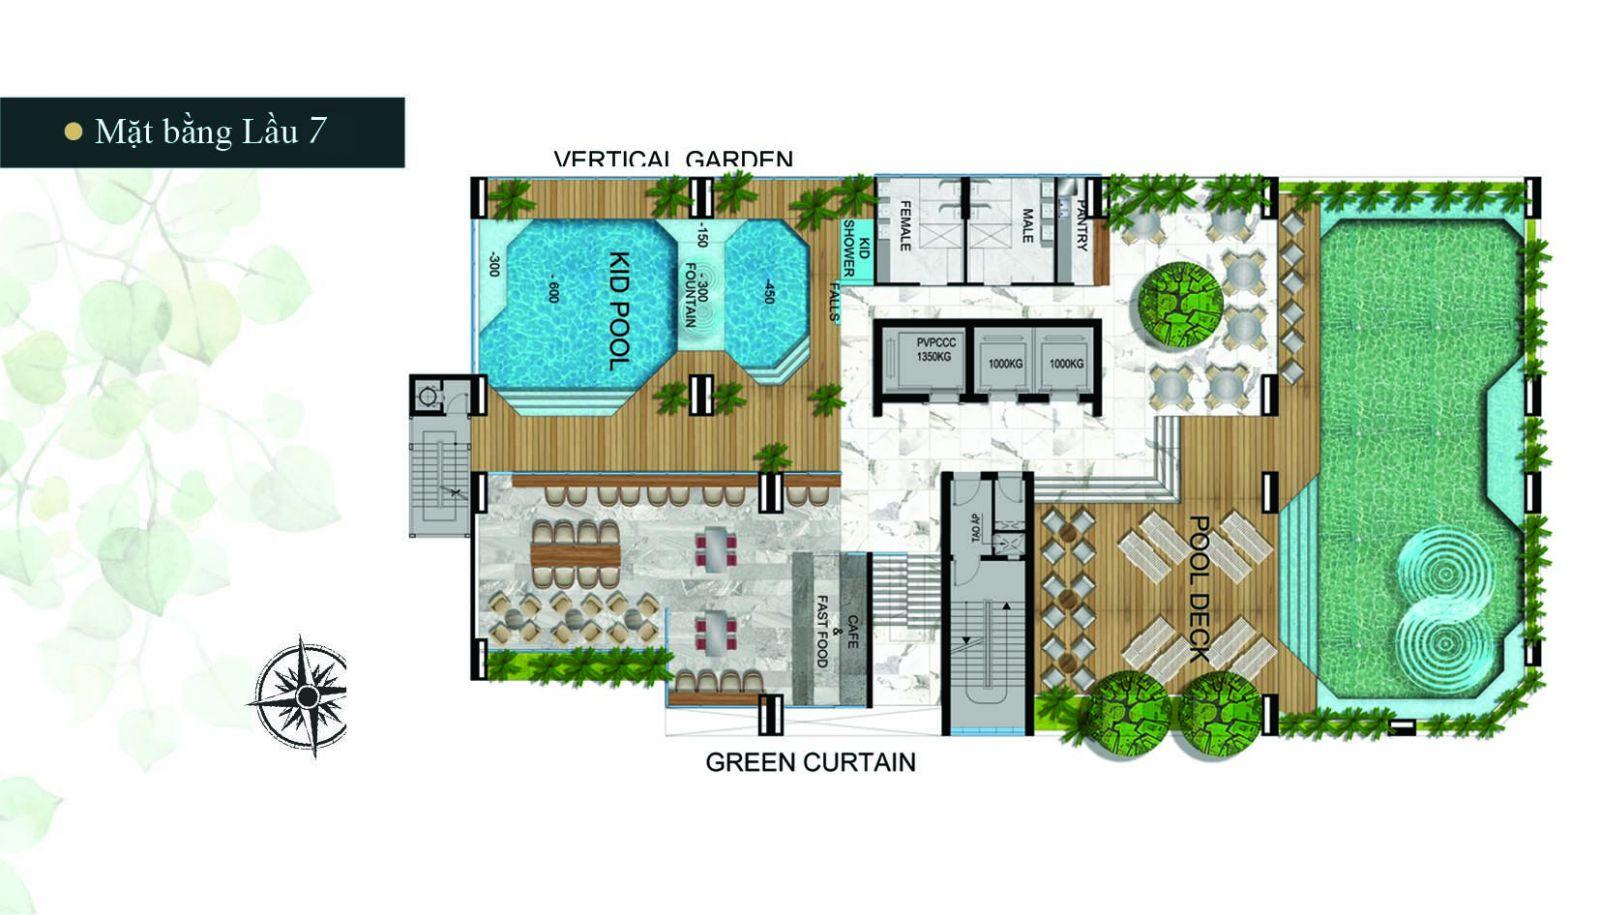 mặt bằng tầng 7 tiện ích chung cư park legend hoàng văn thụ